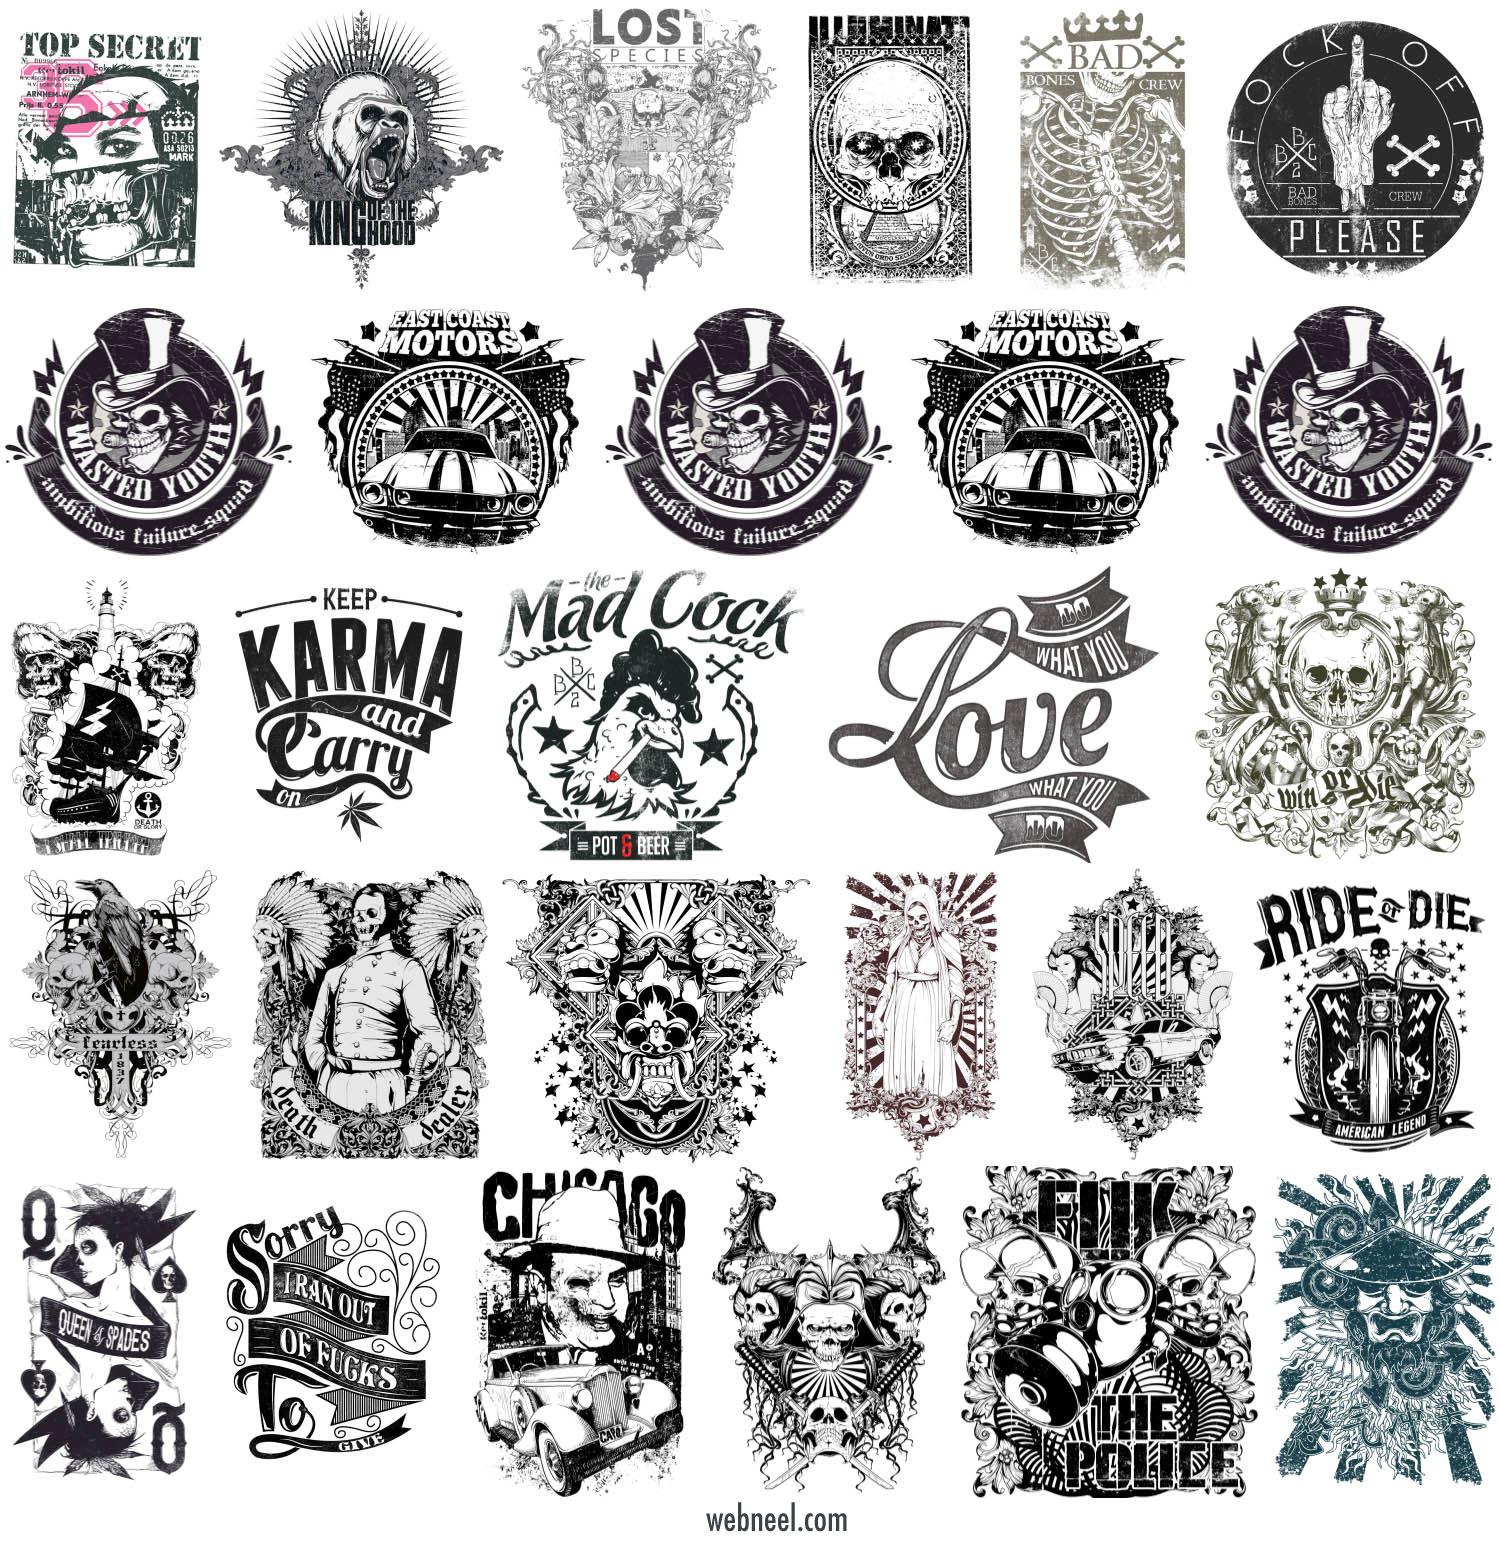 t shirt graphic designs tattoos skulls bones biker by dima yakushin